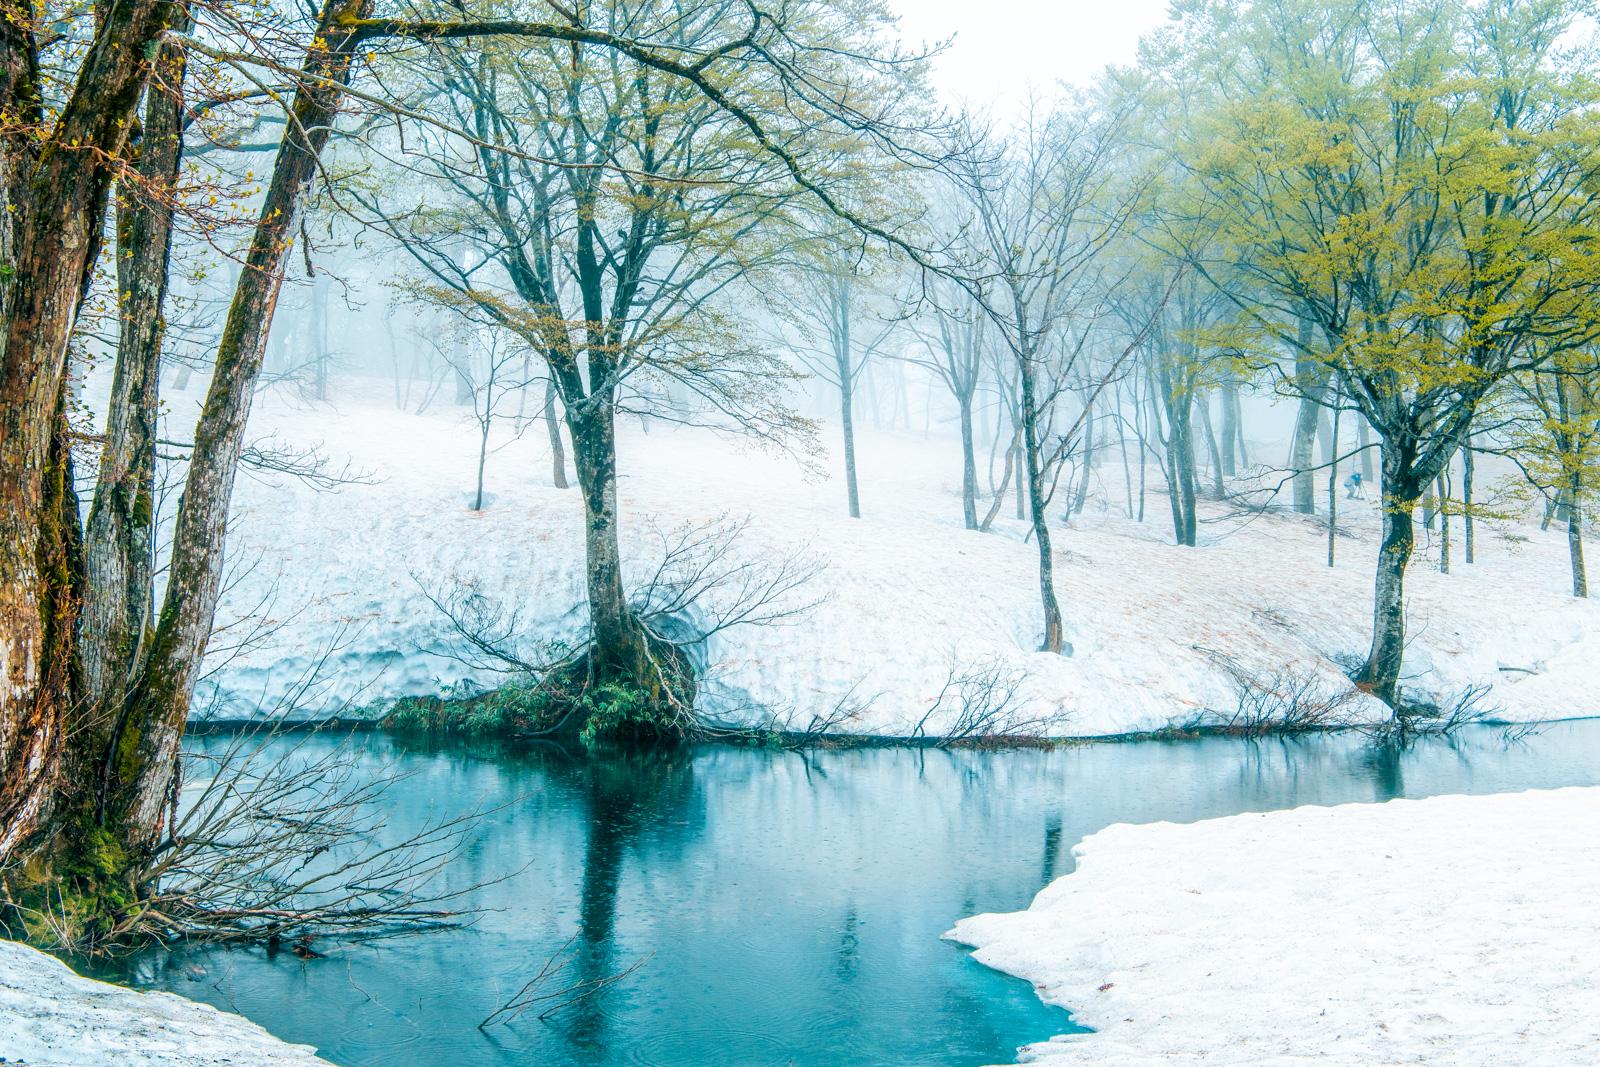 D850での撮影、楽しませていただきました。雨の山形、新緑と残雪の月山、一泊二日の撮影ツアー